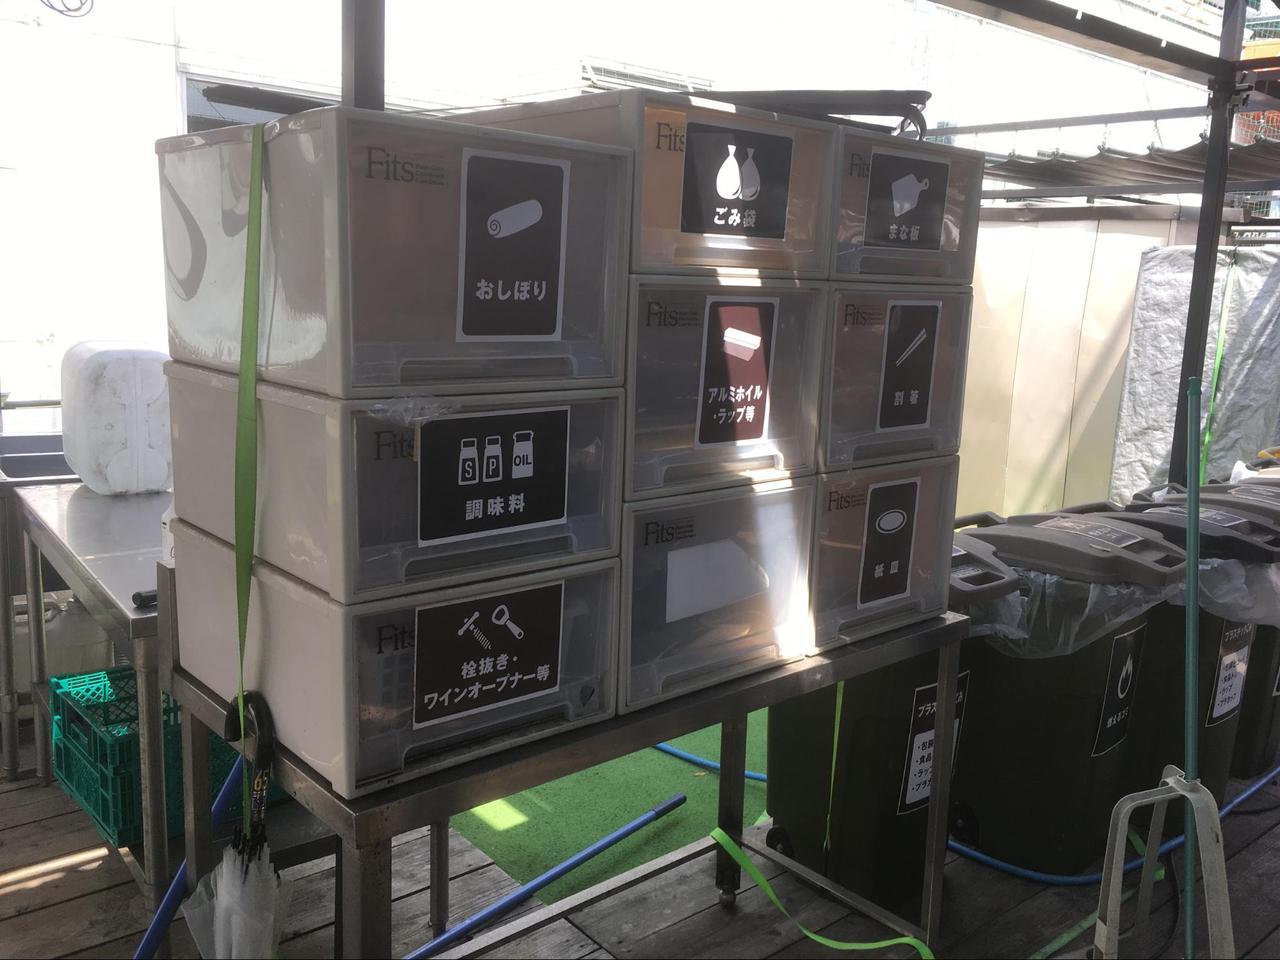 画像: 会場内に置かれた「バーベキューに必要な道具や調味料」自由に使用できます (筆者撮影)